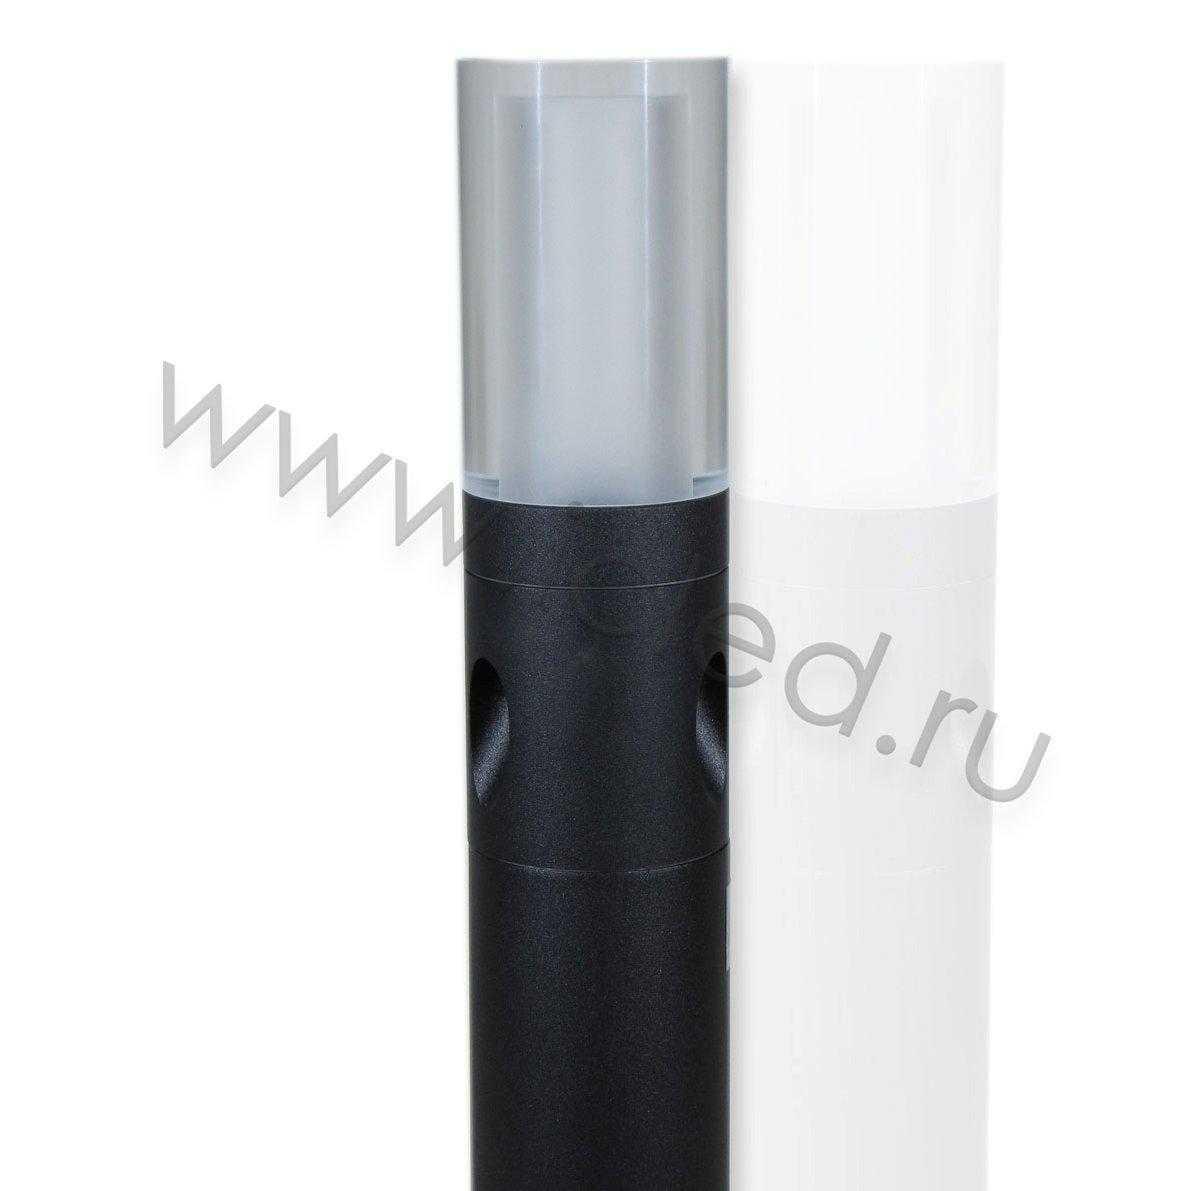 Светодиодный светильник столбик UCR7802D-500 BA, Warm White